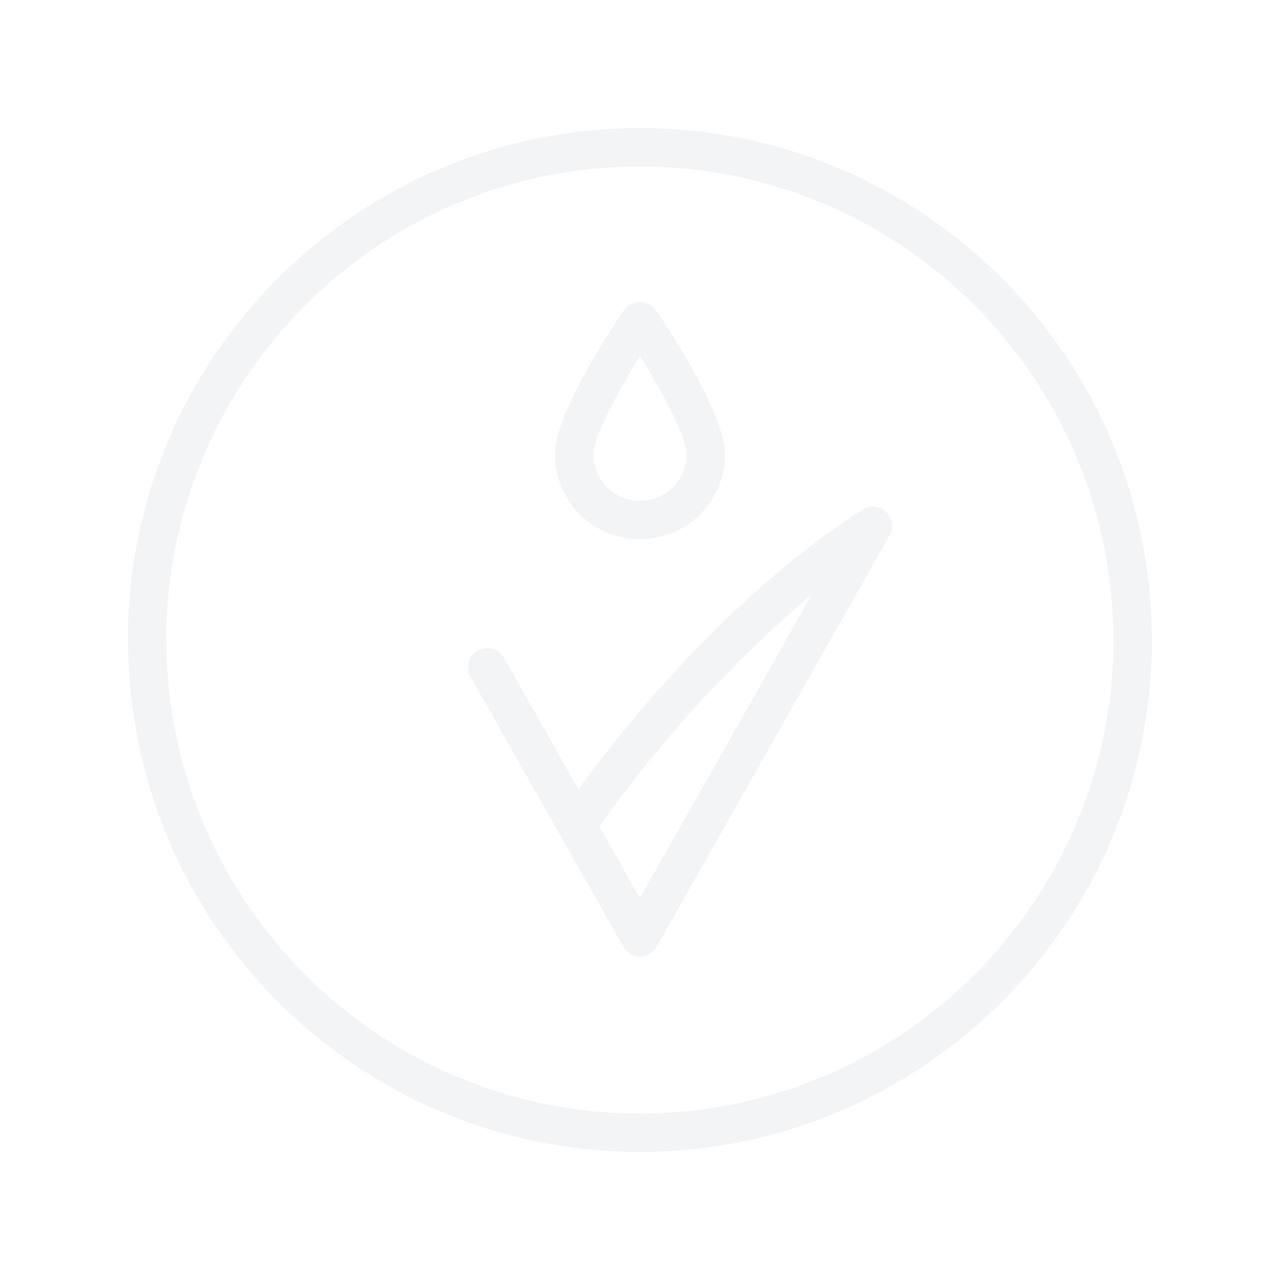 MINIGOLD Dot Earrings